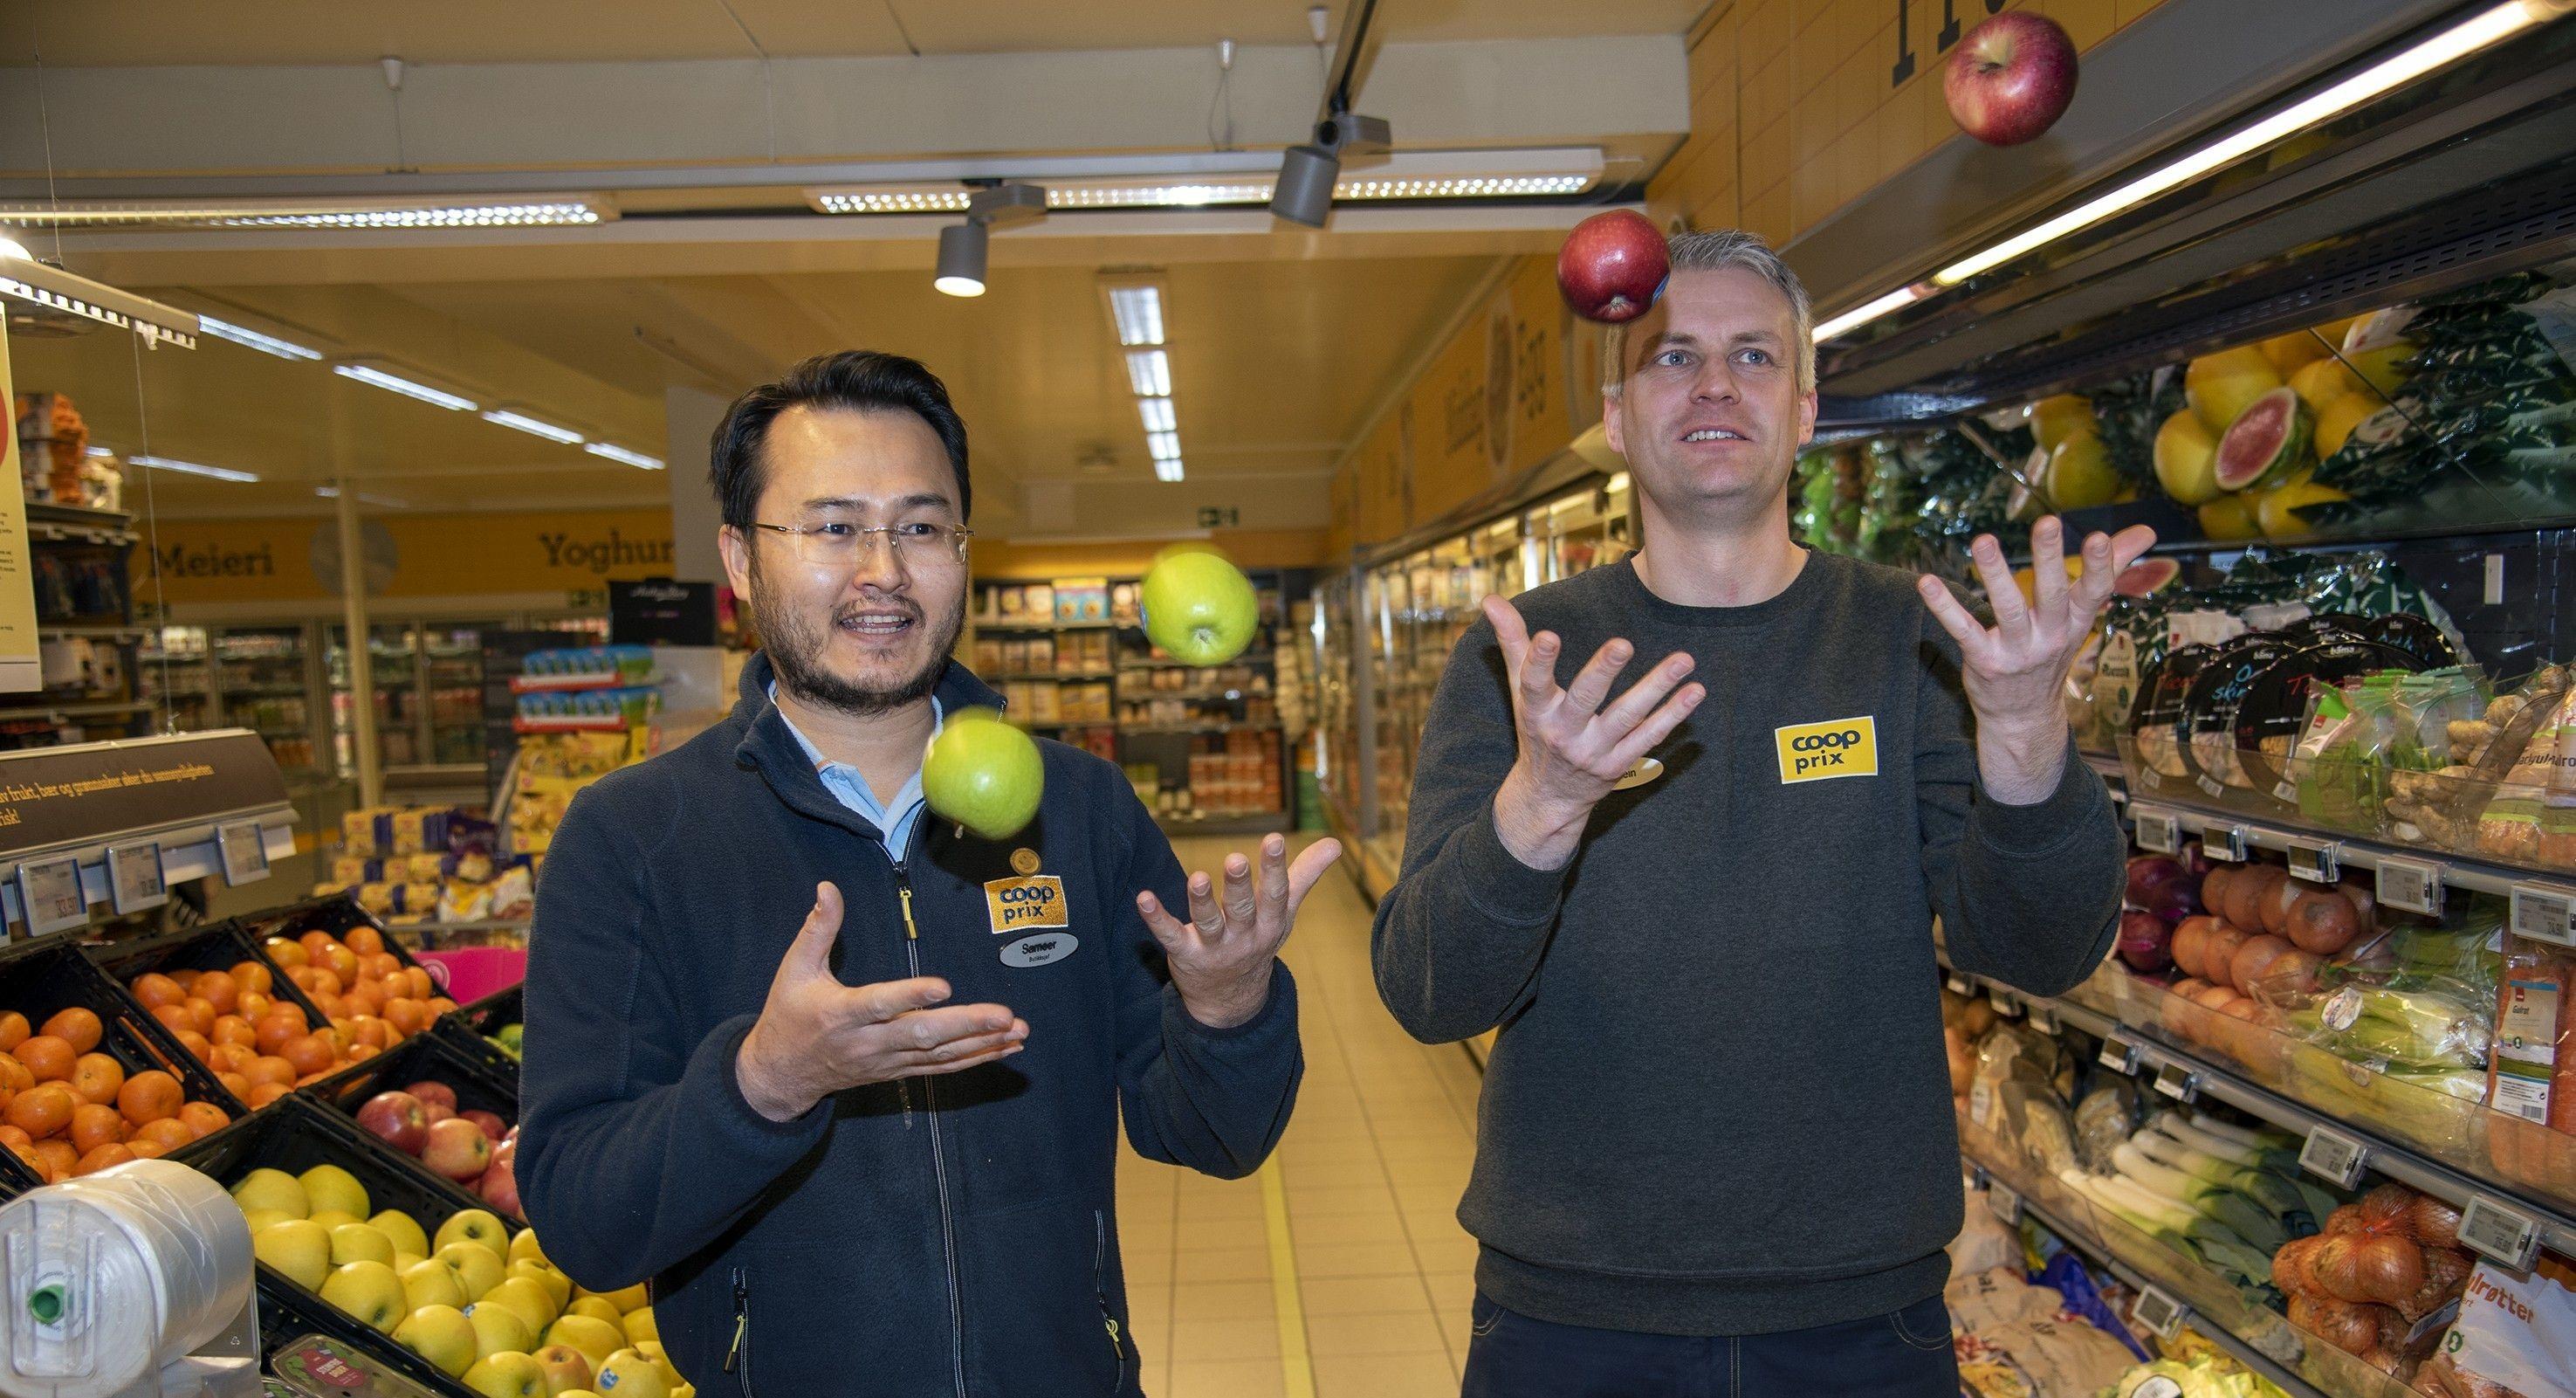 SATSER PÅ NORSK FRUKT OG GRØNT: Butikksjef Sameer Nazari og de ansatte ved Coop Prix Geithus sørger for at kundene alltid møter en velfylt frukt- og grøntdisk.